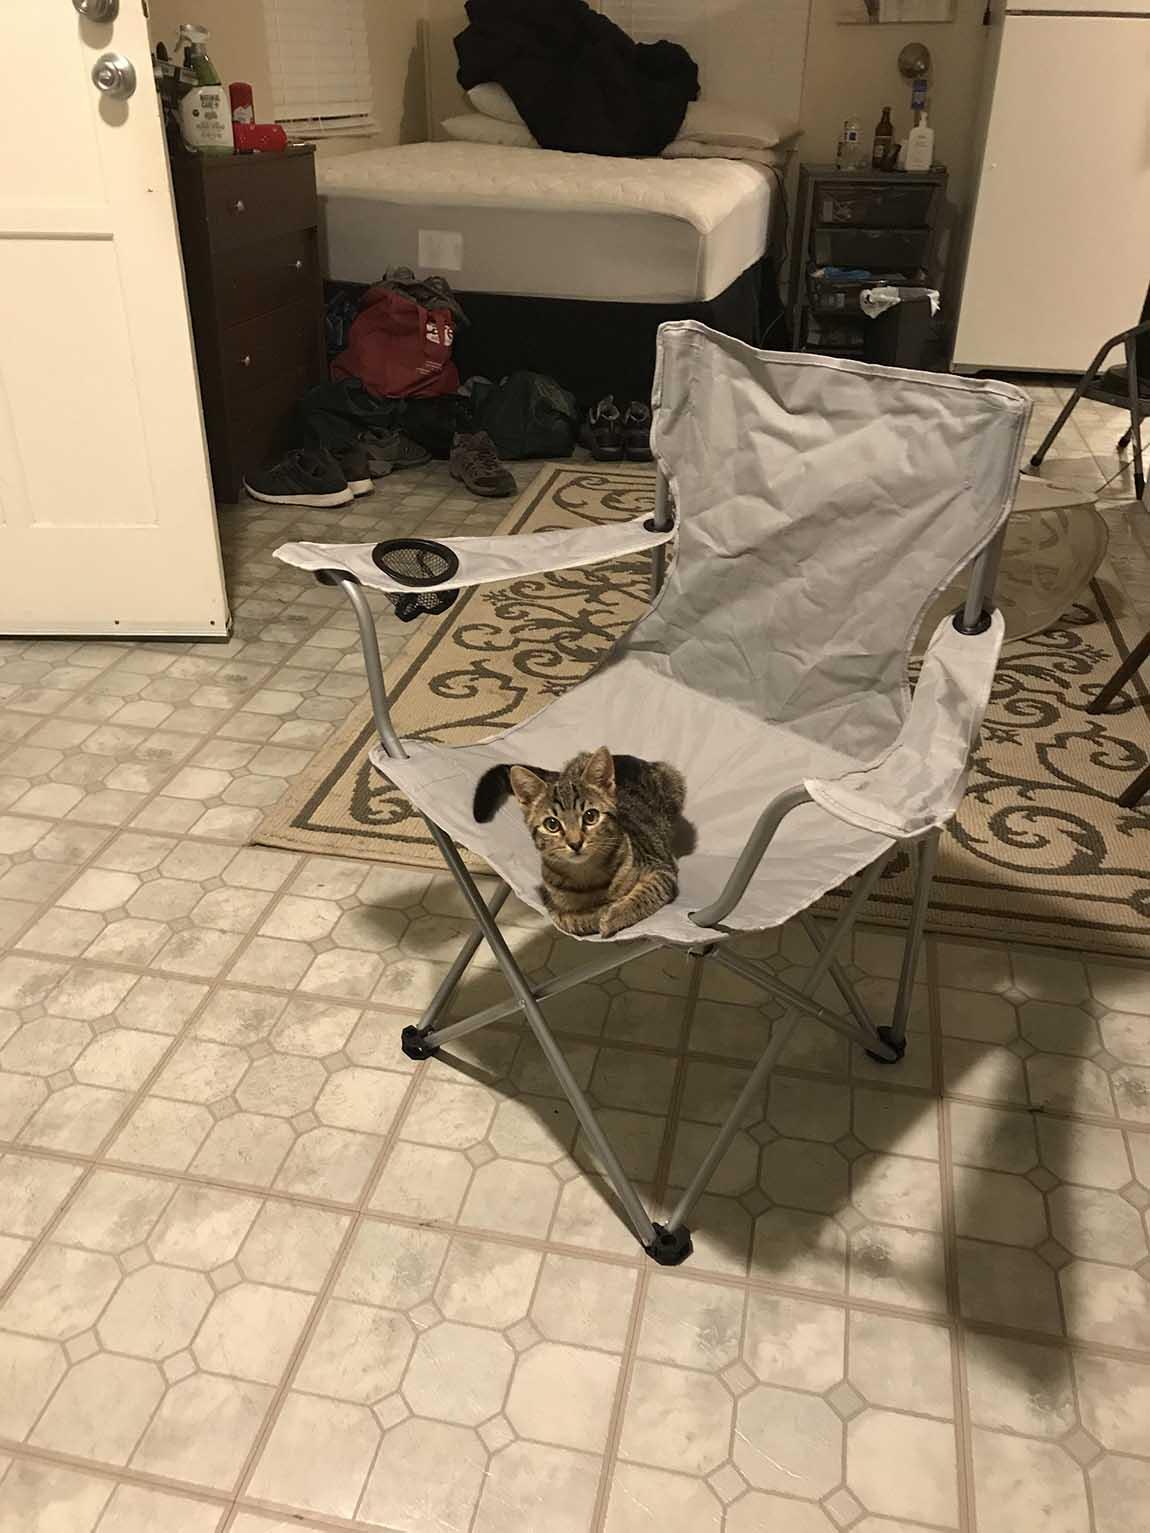 Hombre llega a casa y encuentra un gato, pero no tiene un gato